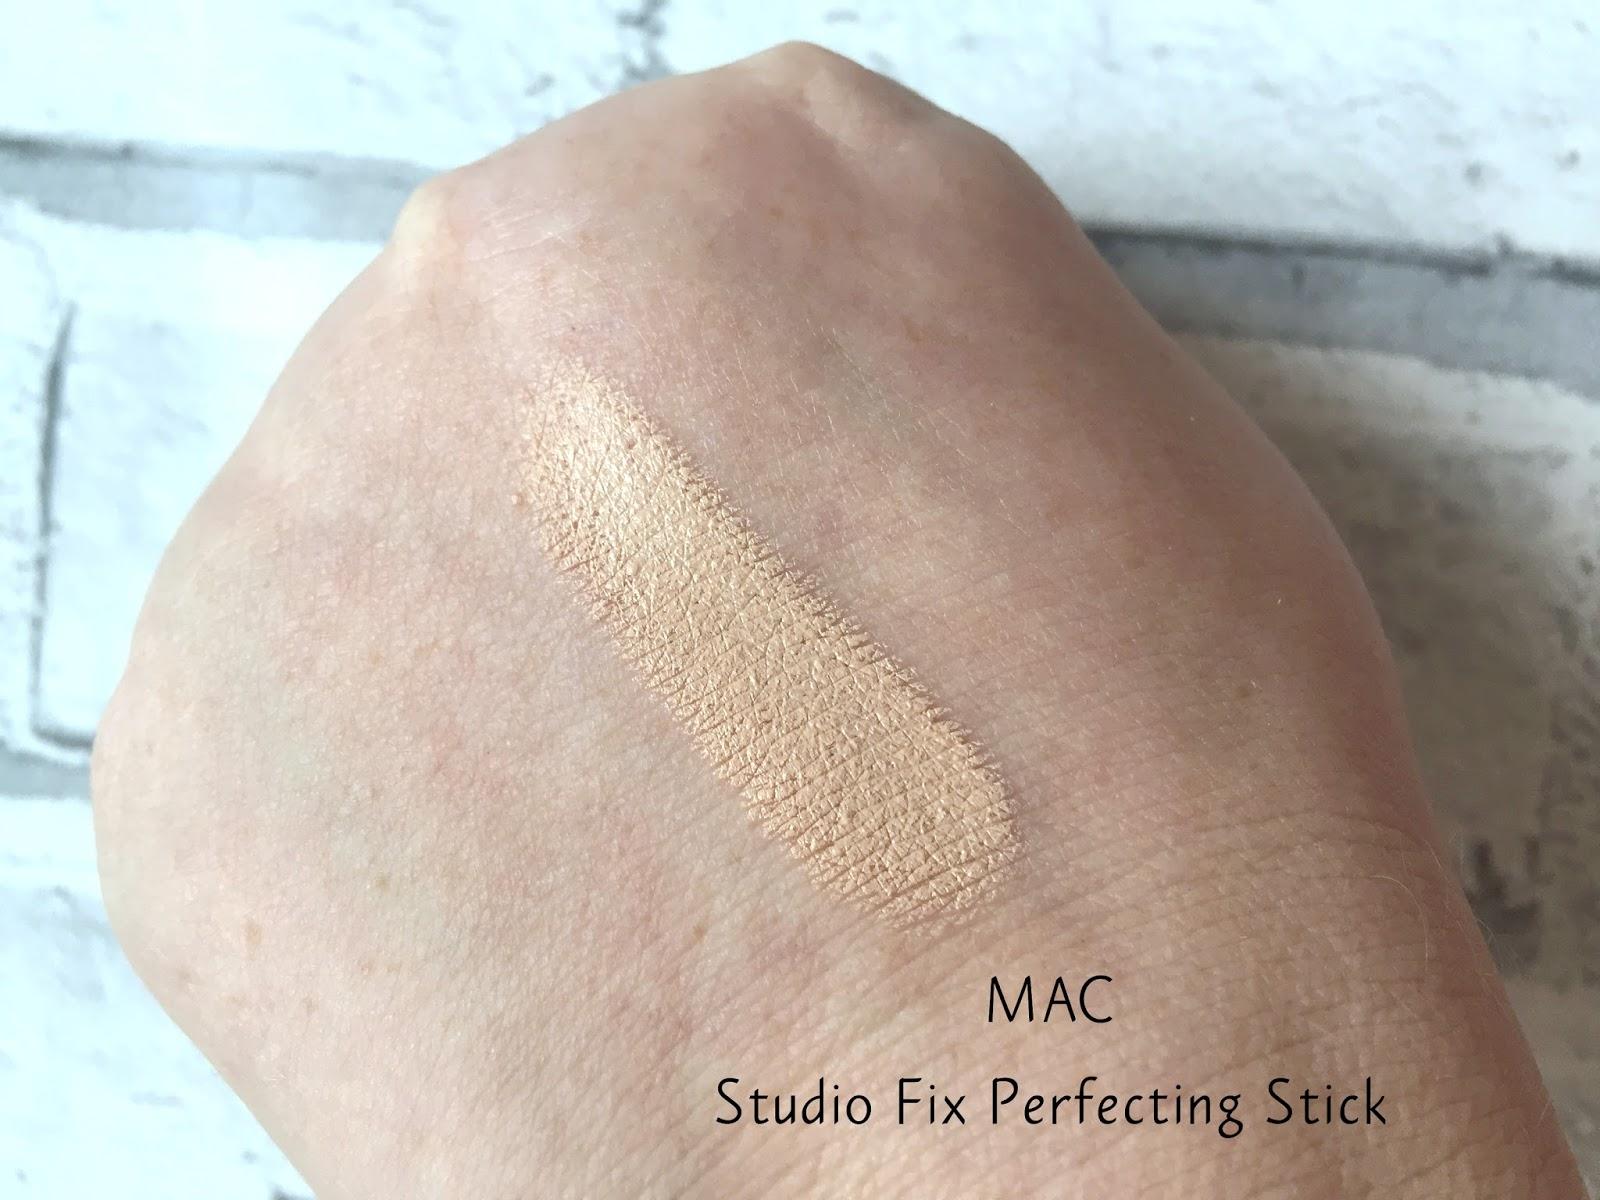 Trying Out New Mac Products Mammaful Zo Beauty Fashion